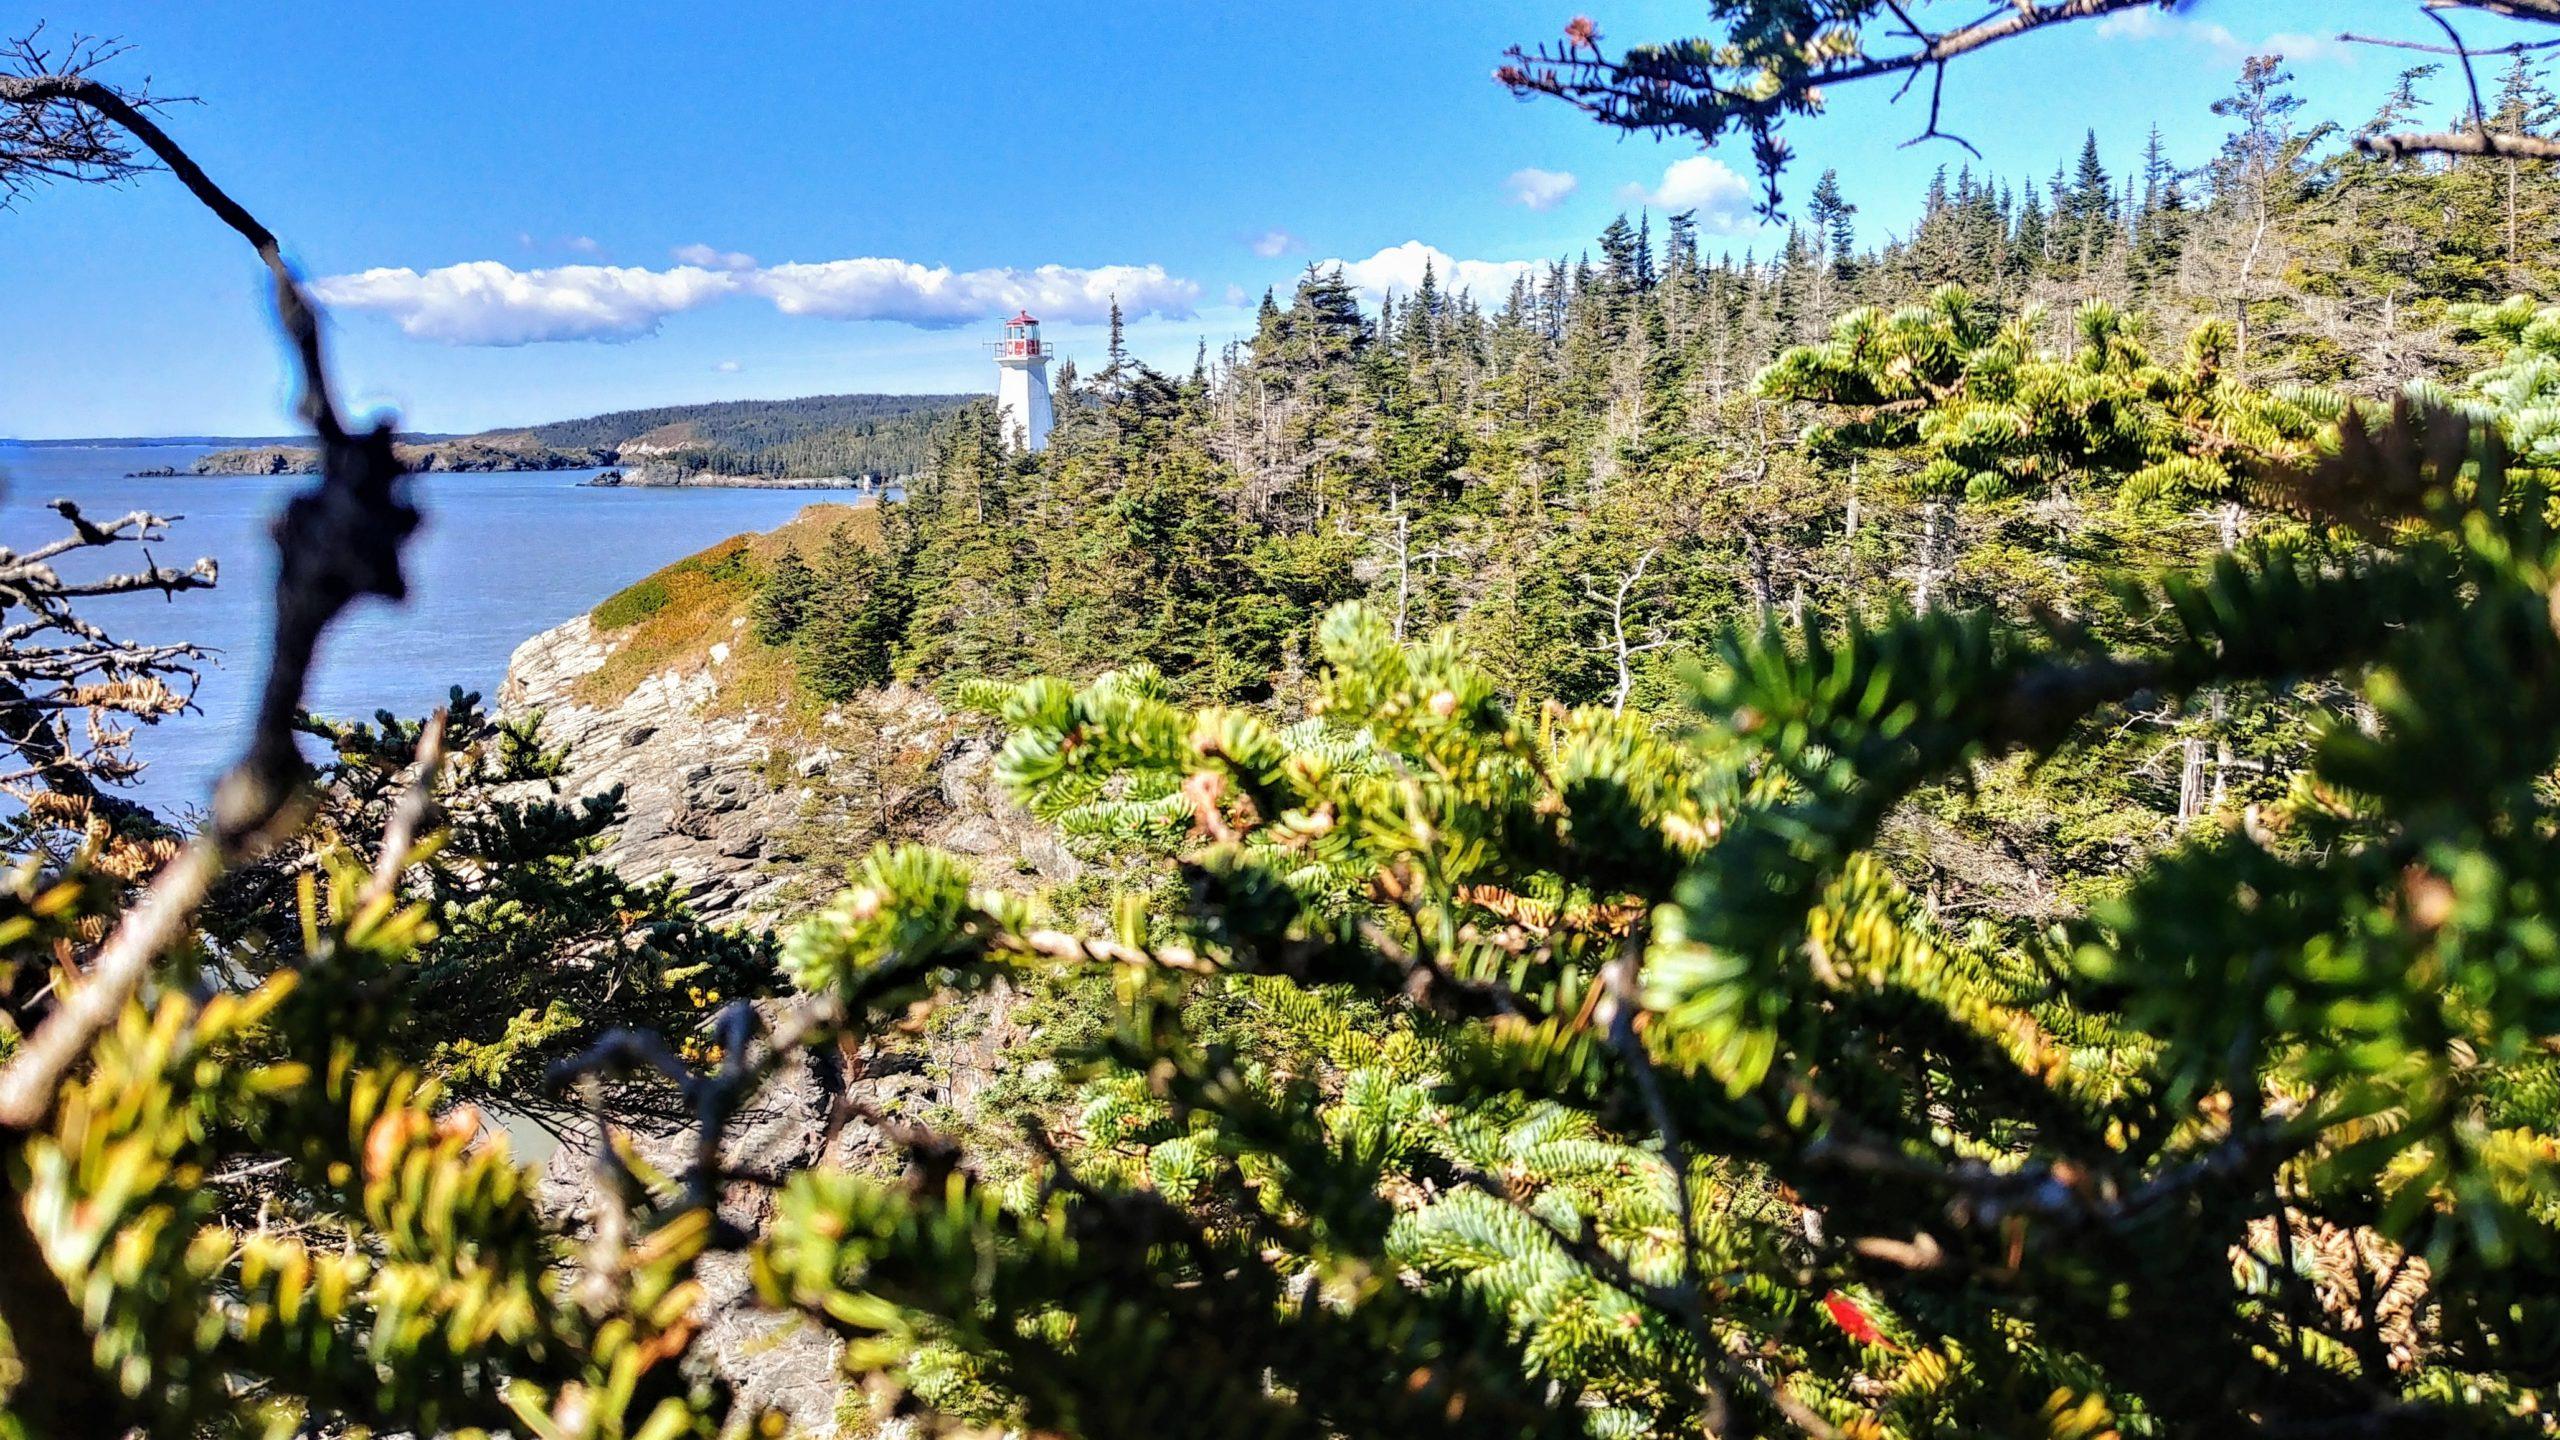 Split Rock Trail Musquash Lighthouse sentier randonnée Nouveau-Brunswick Canada voyage